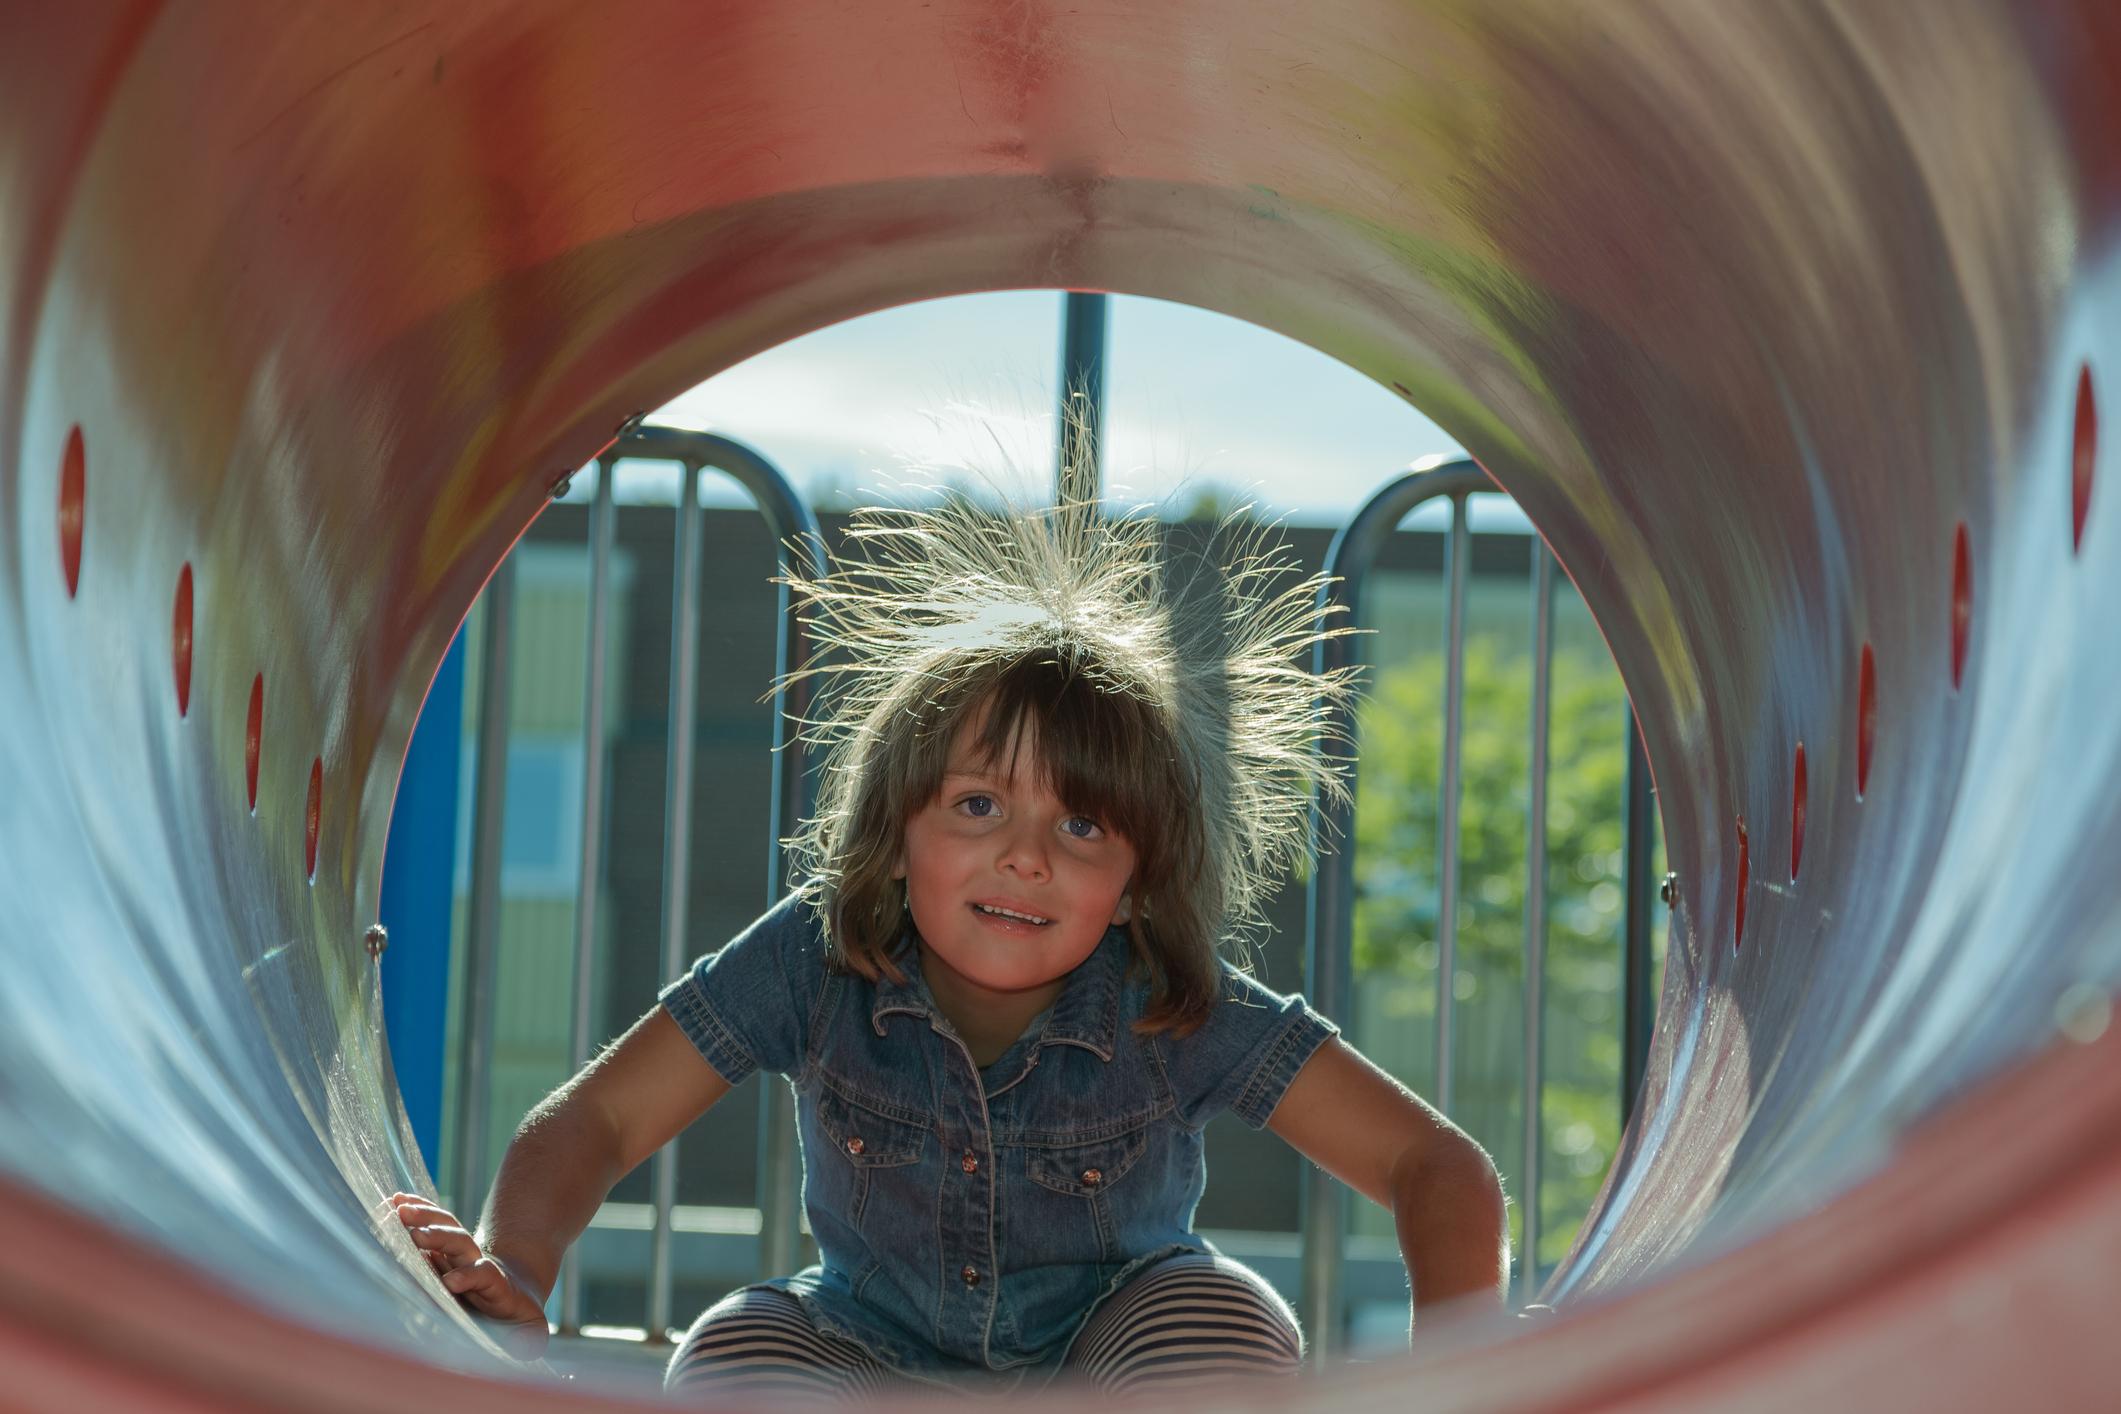 Фокус, от которого волосы дыбом: что такое статическое электричество?